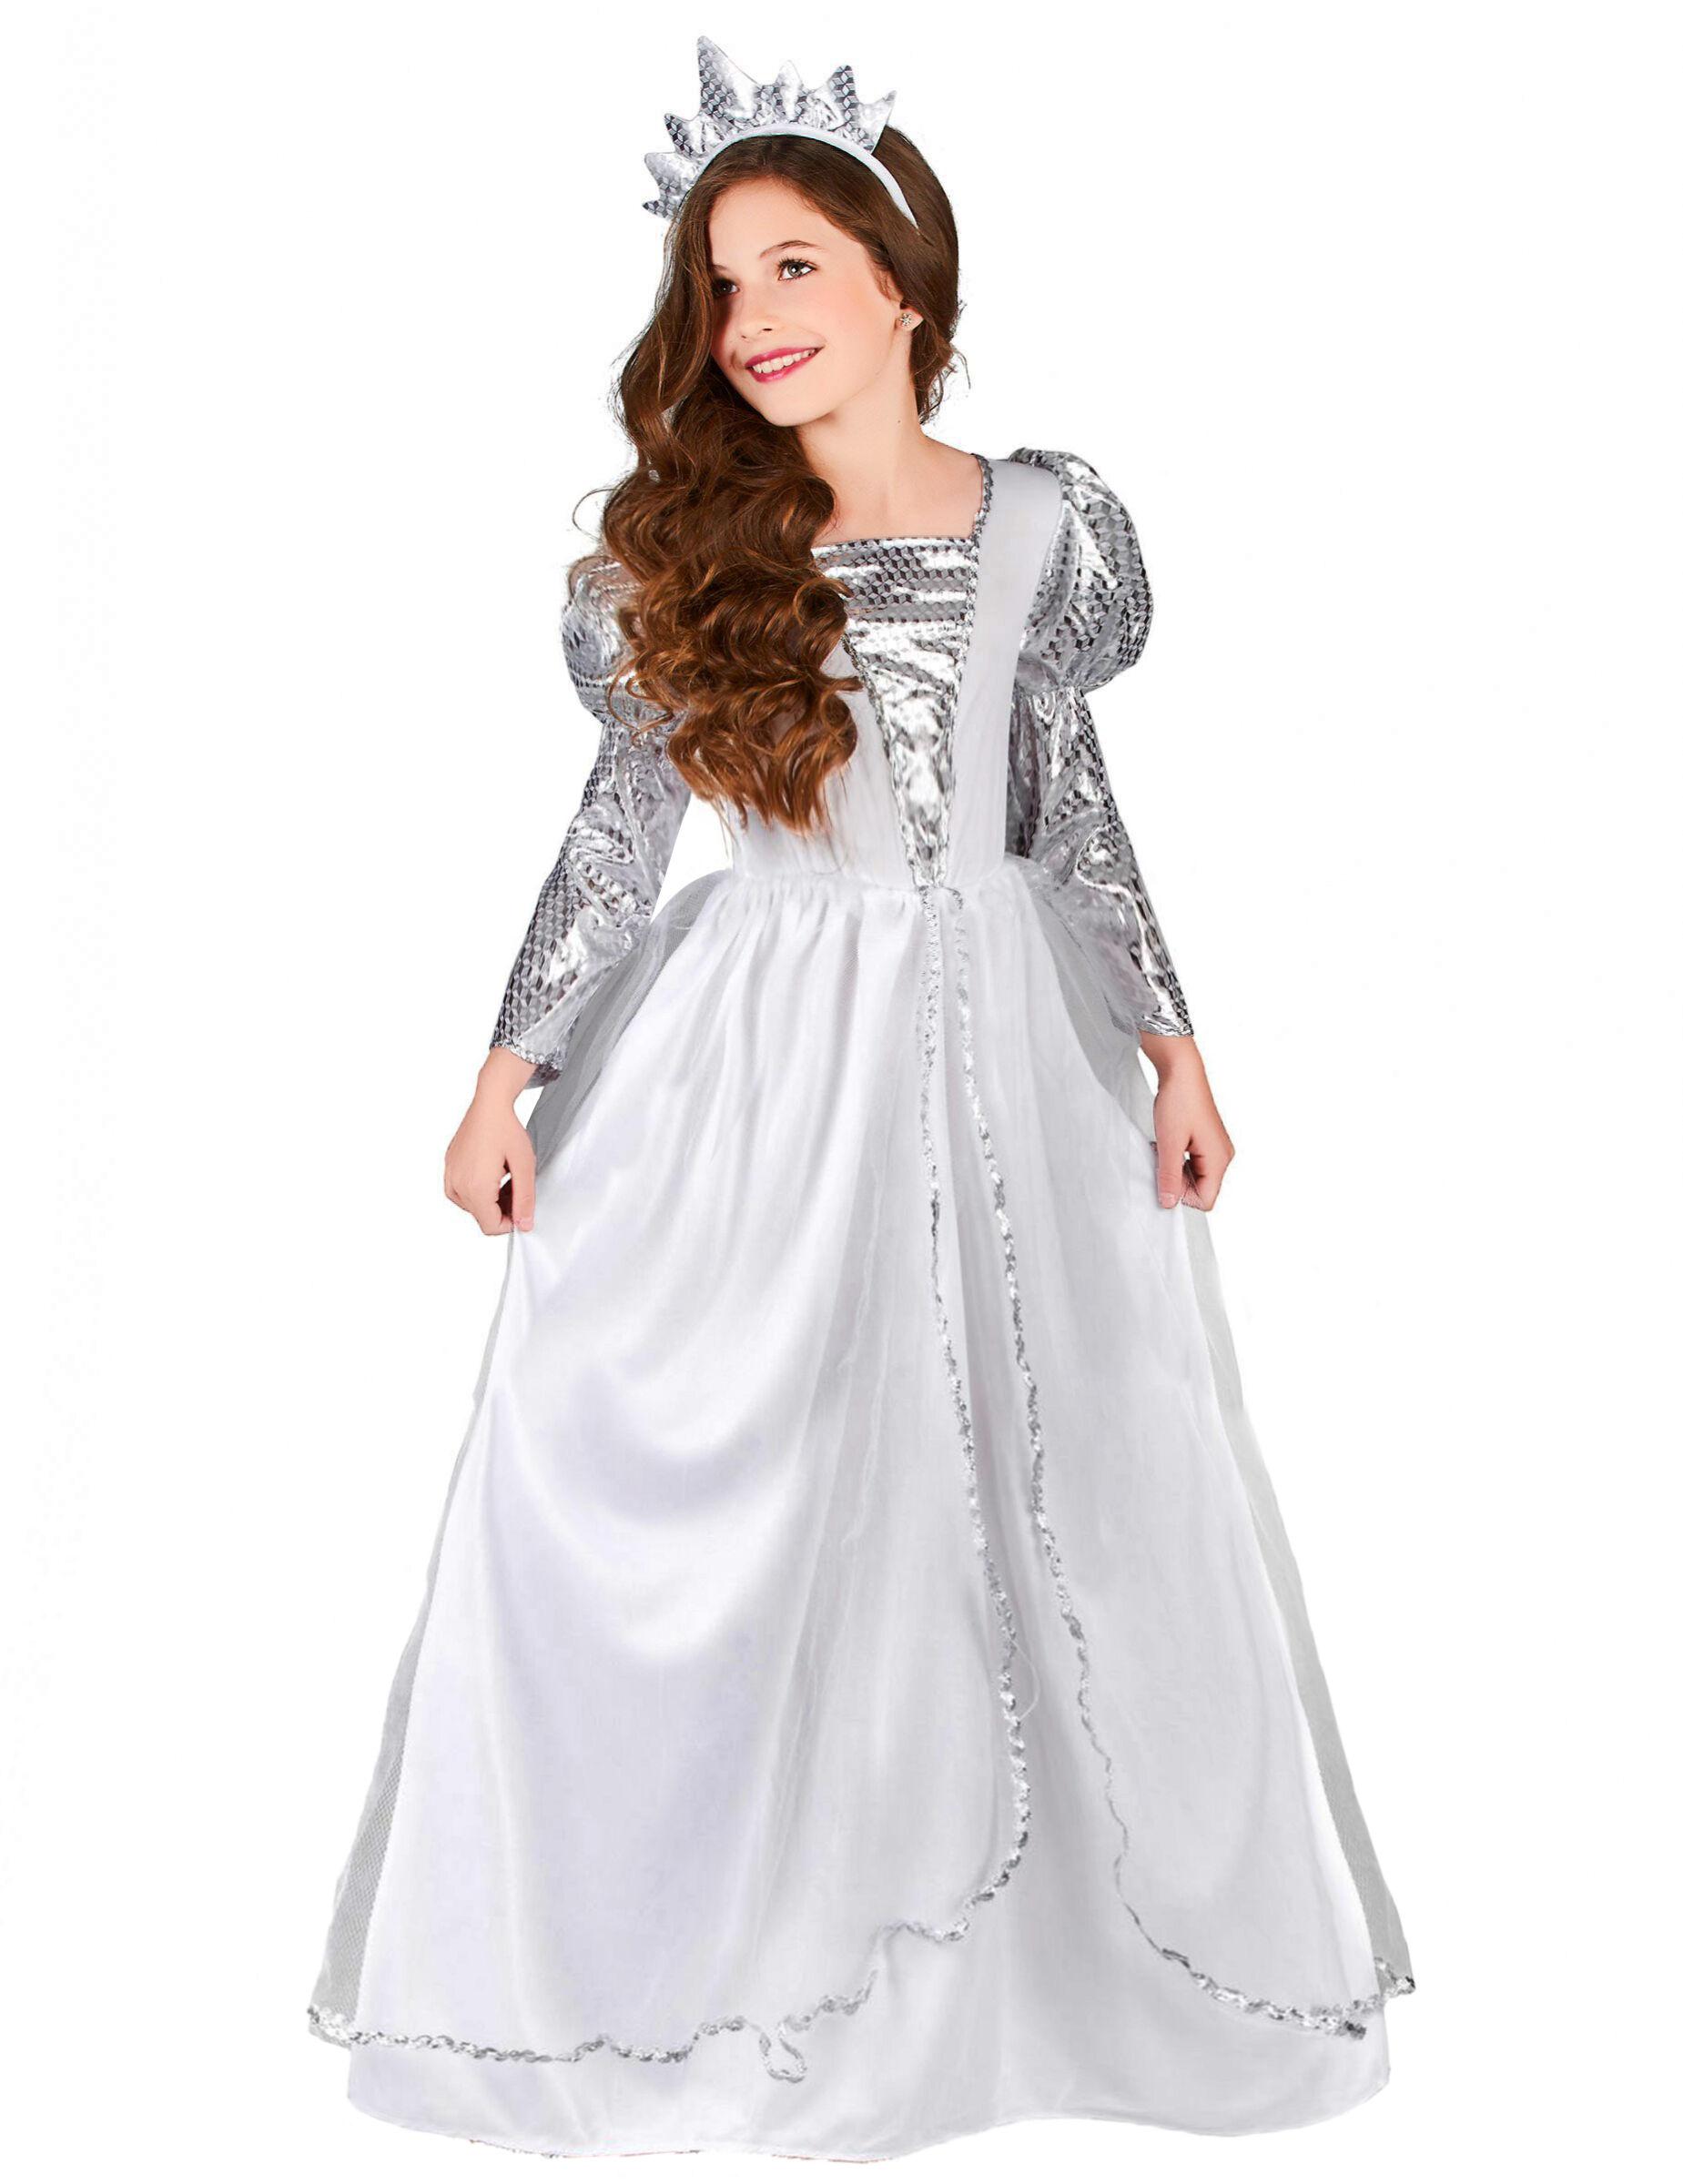 VegaooParty Déguisement princesse à voilage fille - Taille: S 4-6 ans (110-120 cm)